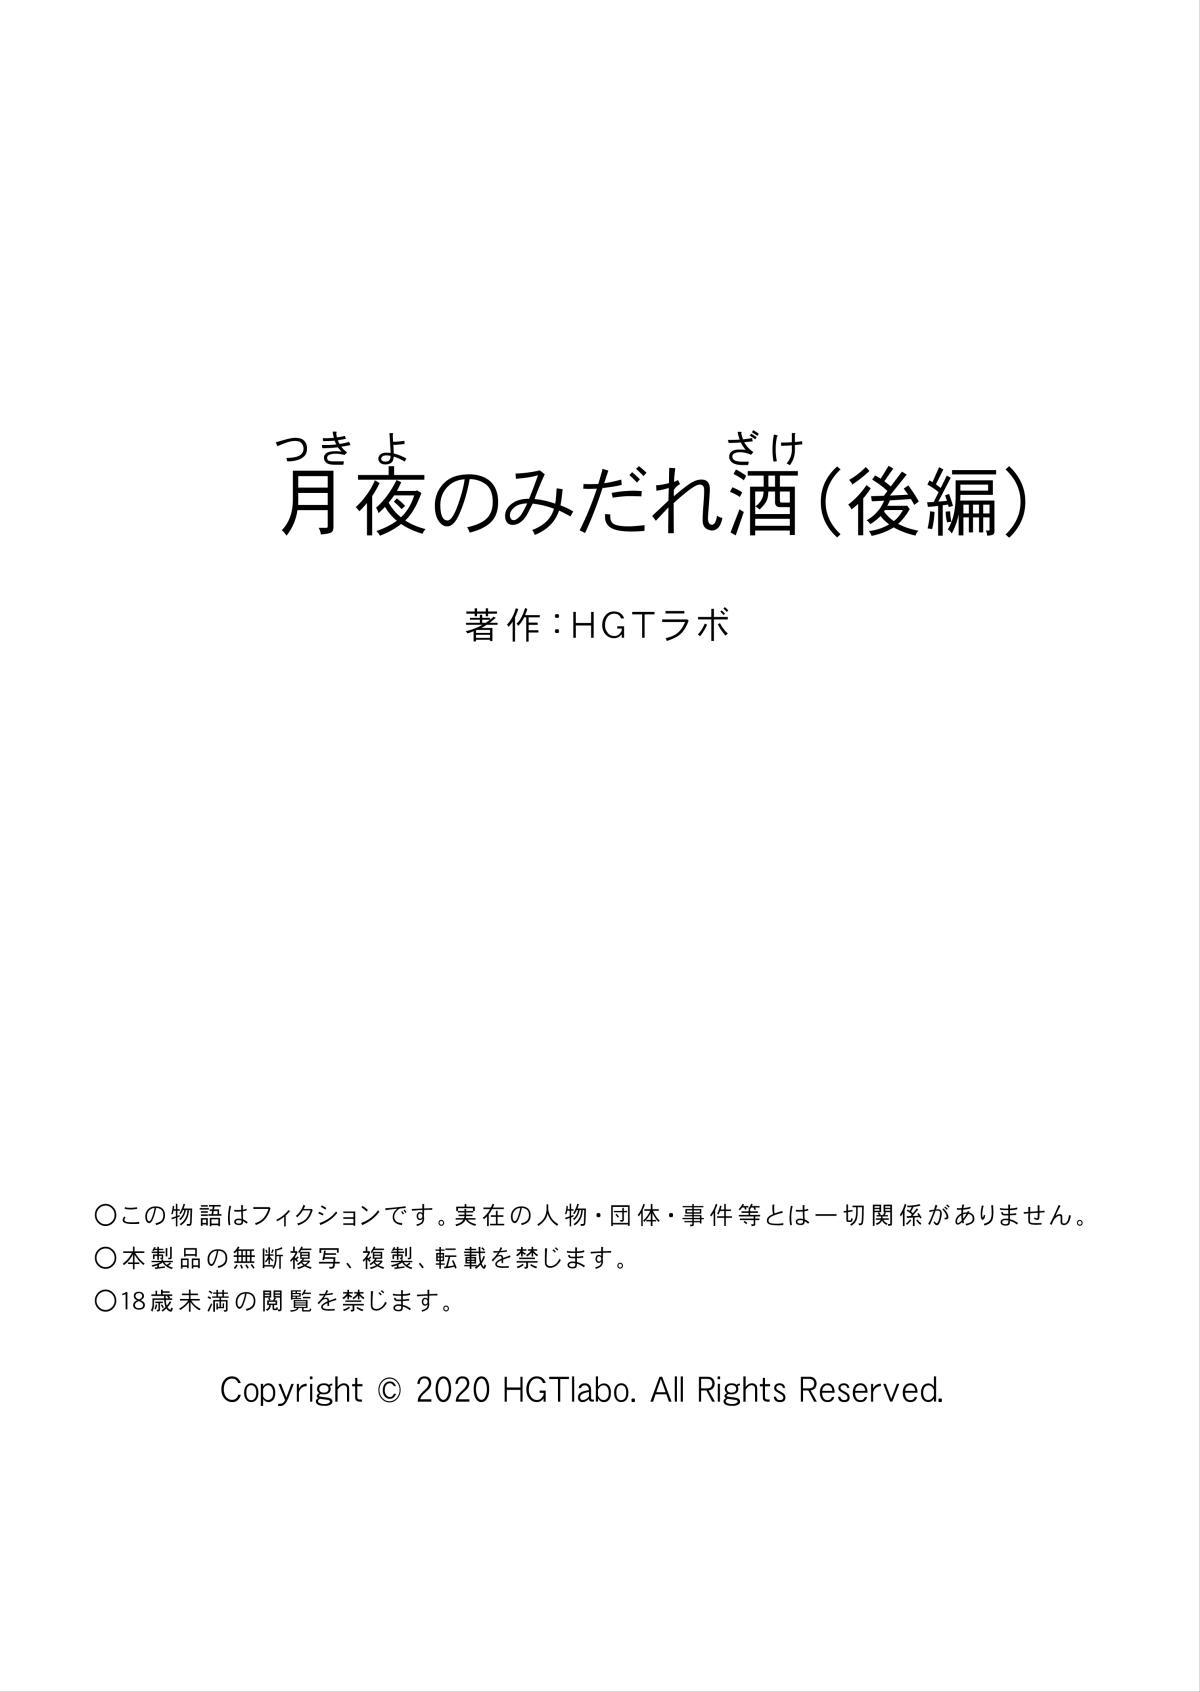 [HGT Lab (Tsusauto)] Tsukiyo no Midare Zake ~Hitozuma wa Yoitsubureta Otto no Soba de Douryou ni Netorareru~ Kouhen (CHINESE) 74